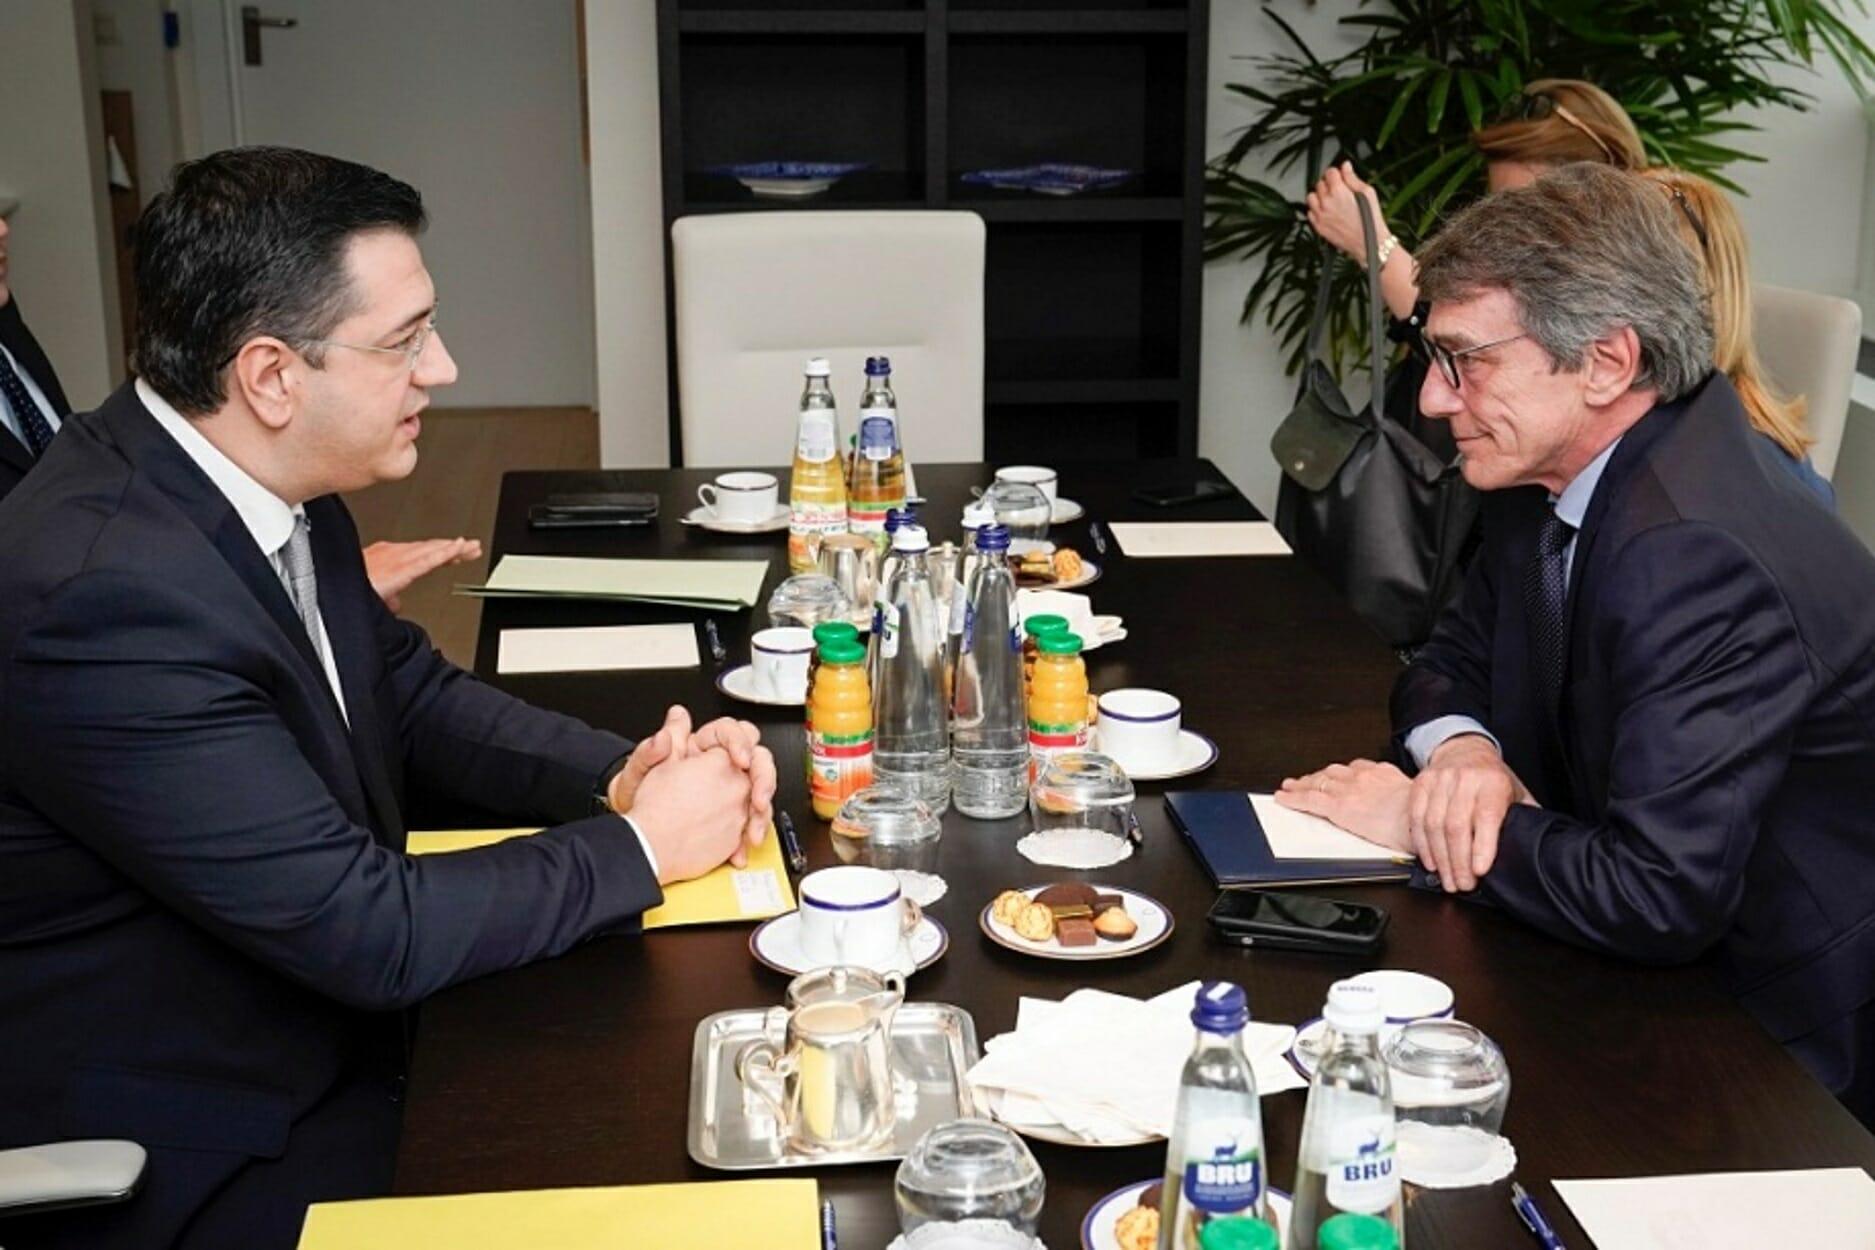 Βρυξέλλες: Τα γεγονότα στα σύνορα εξέθεσε ο Τζιτζικώστας στον πρόεδρο της Ευρωβουλής